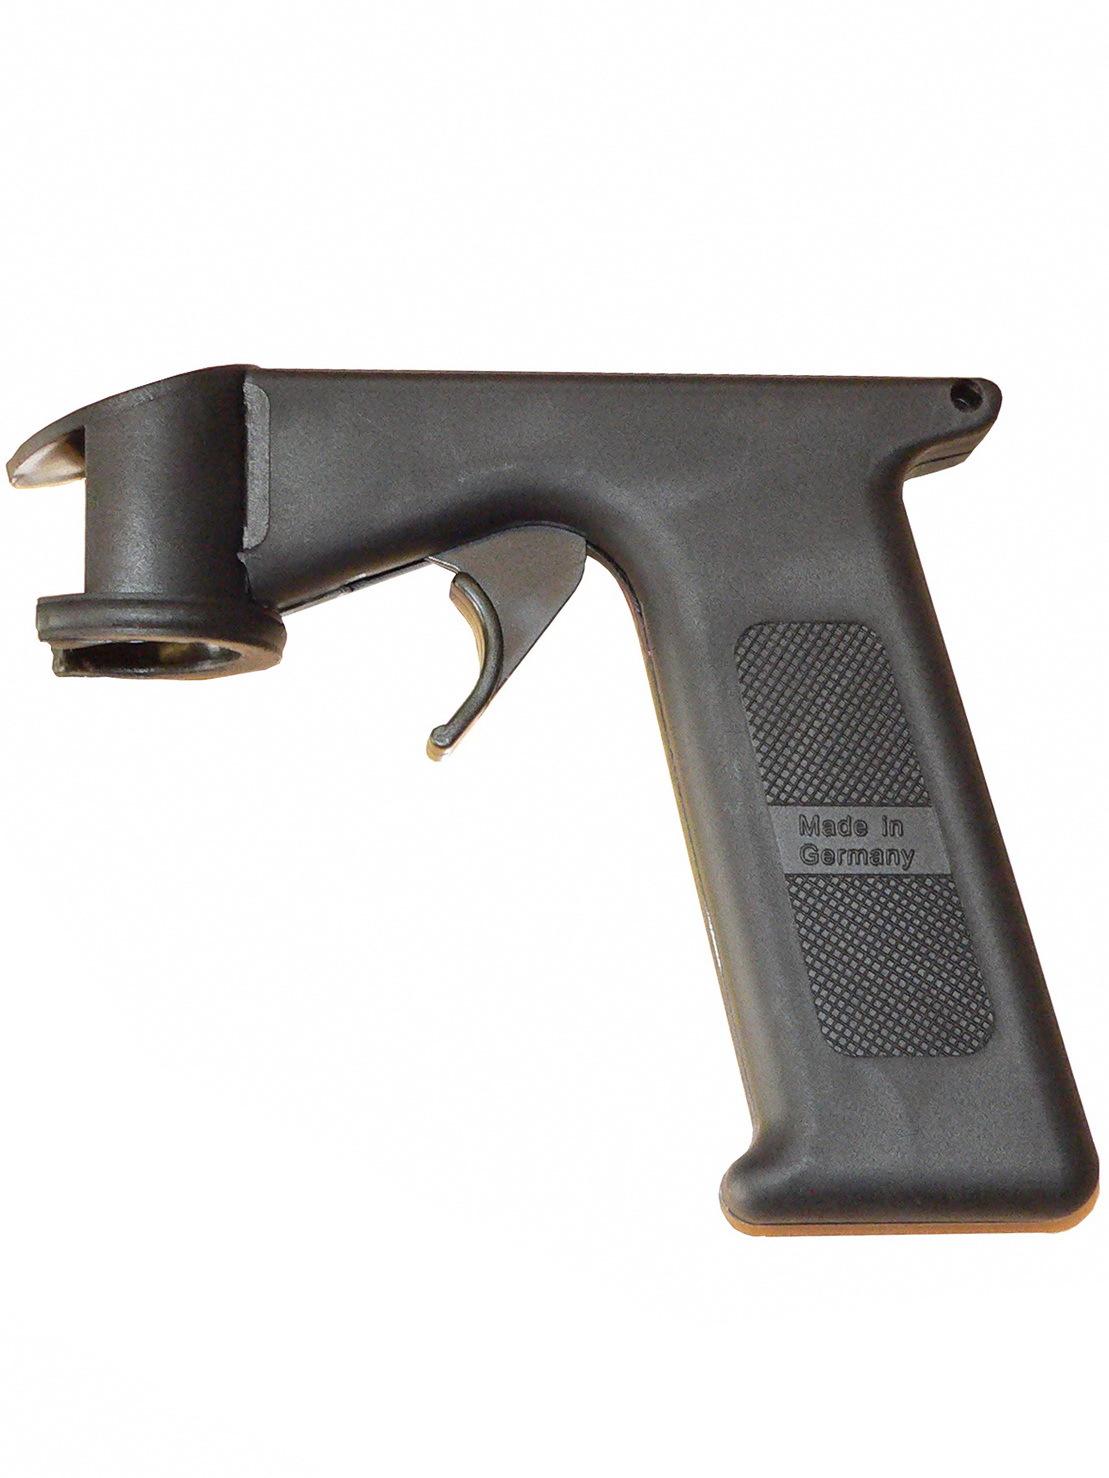 Pistolenaufsatz für Spraydosen